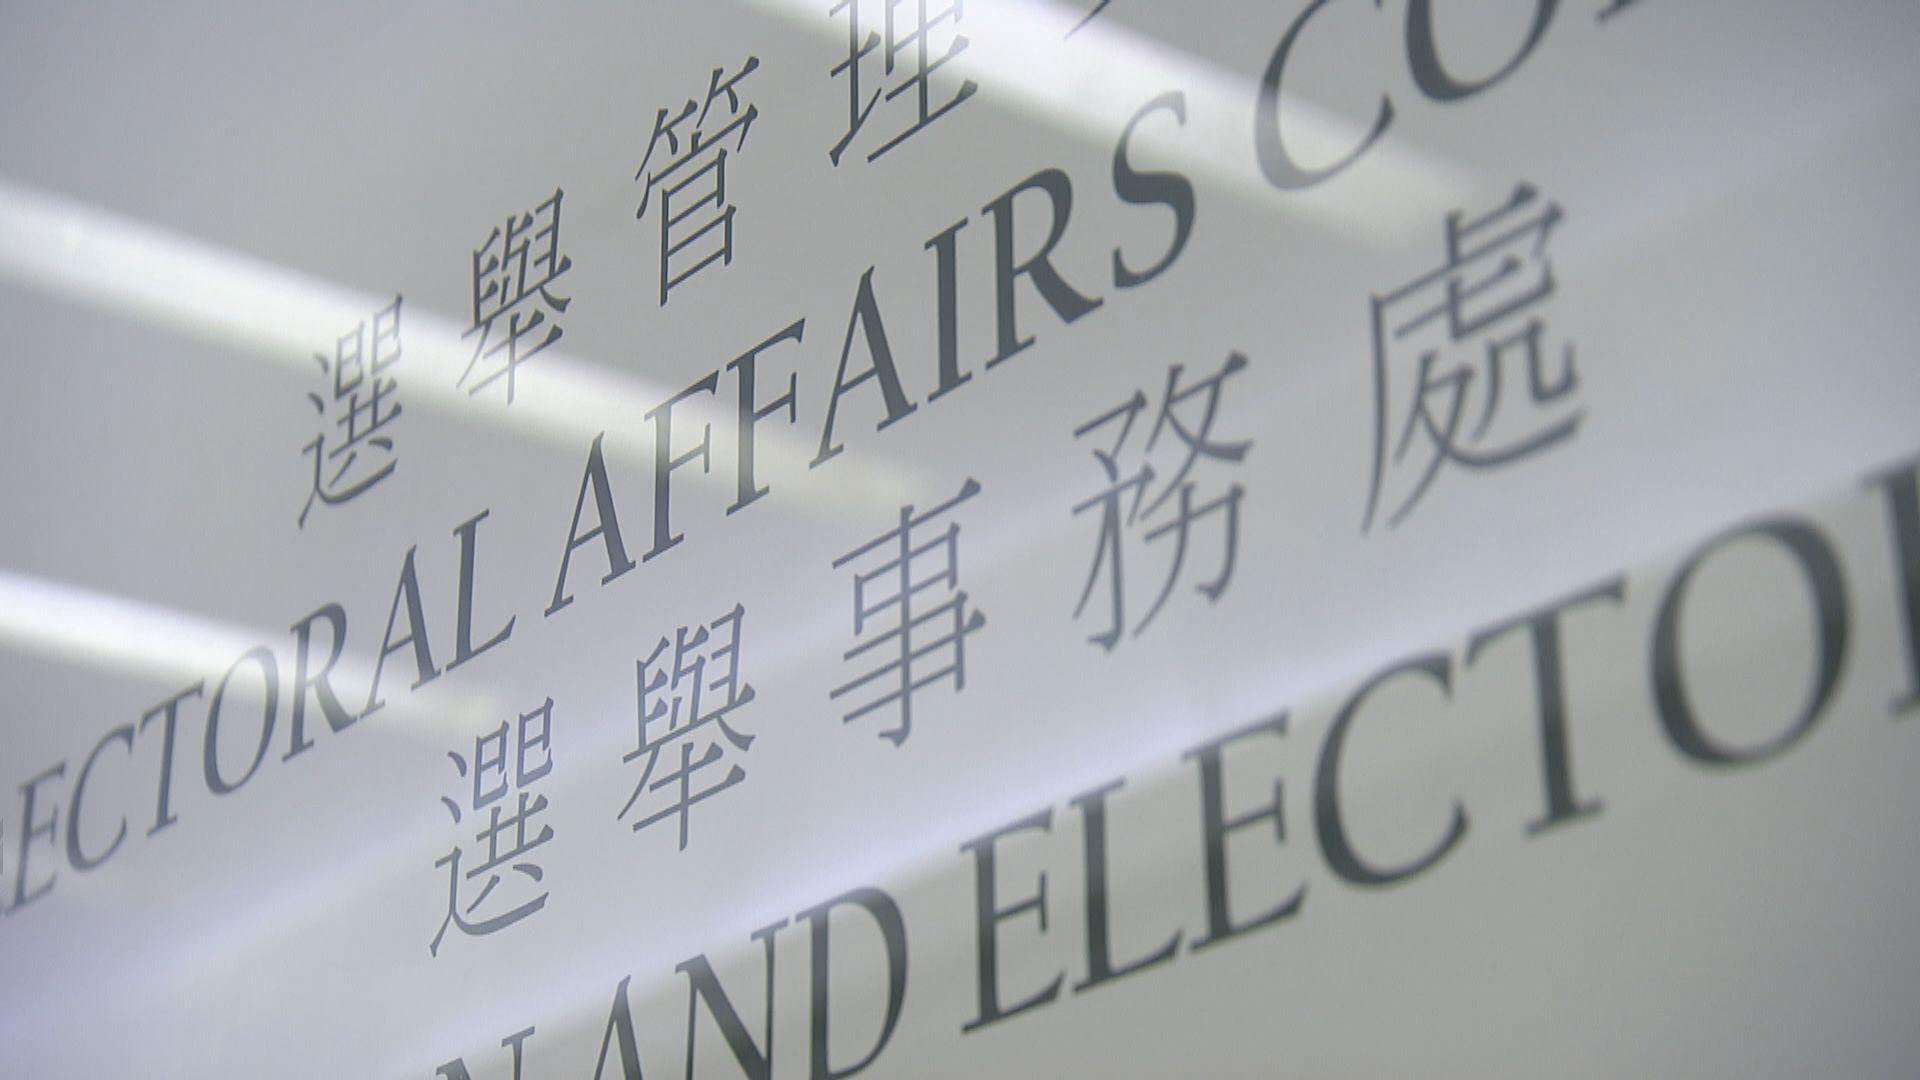 選管會:香港法例並無所謂「初選」機制